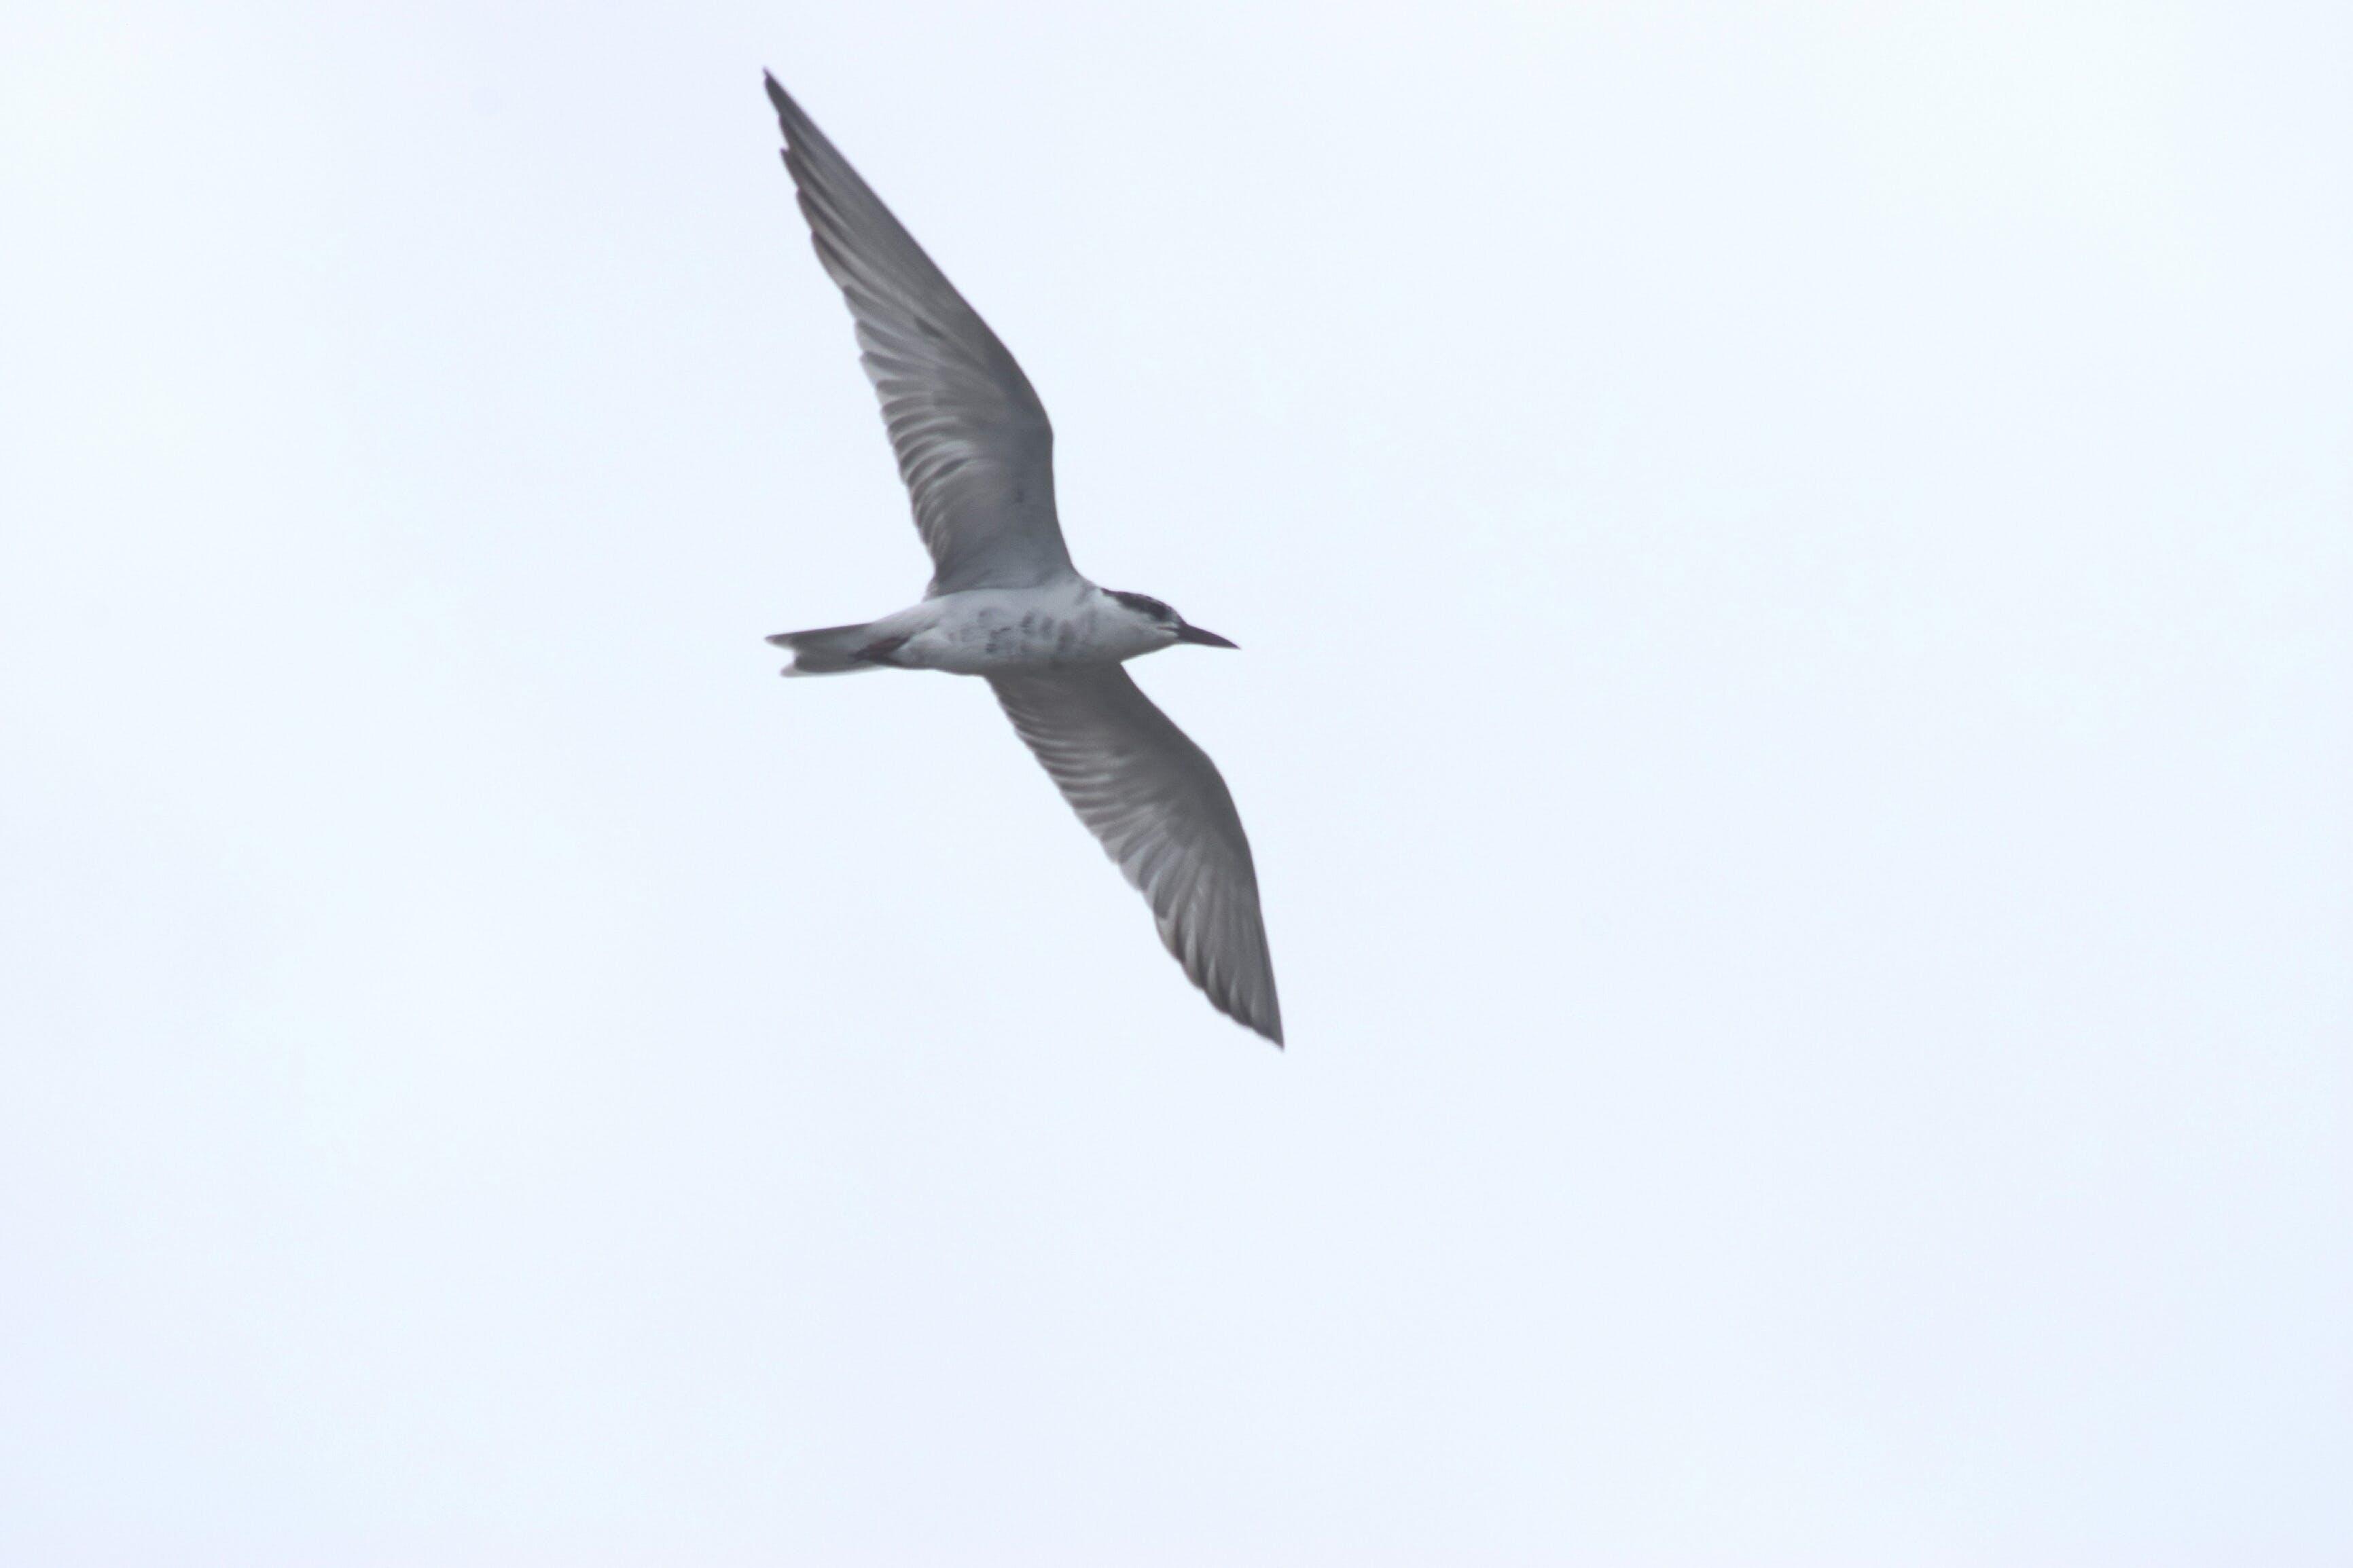 Gratis lagerfoto af dyr, dyrefotografering, flyve, fugl flyver